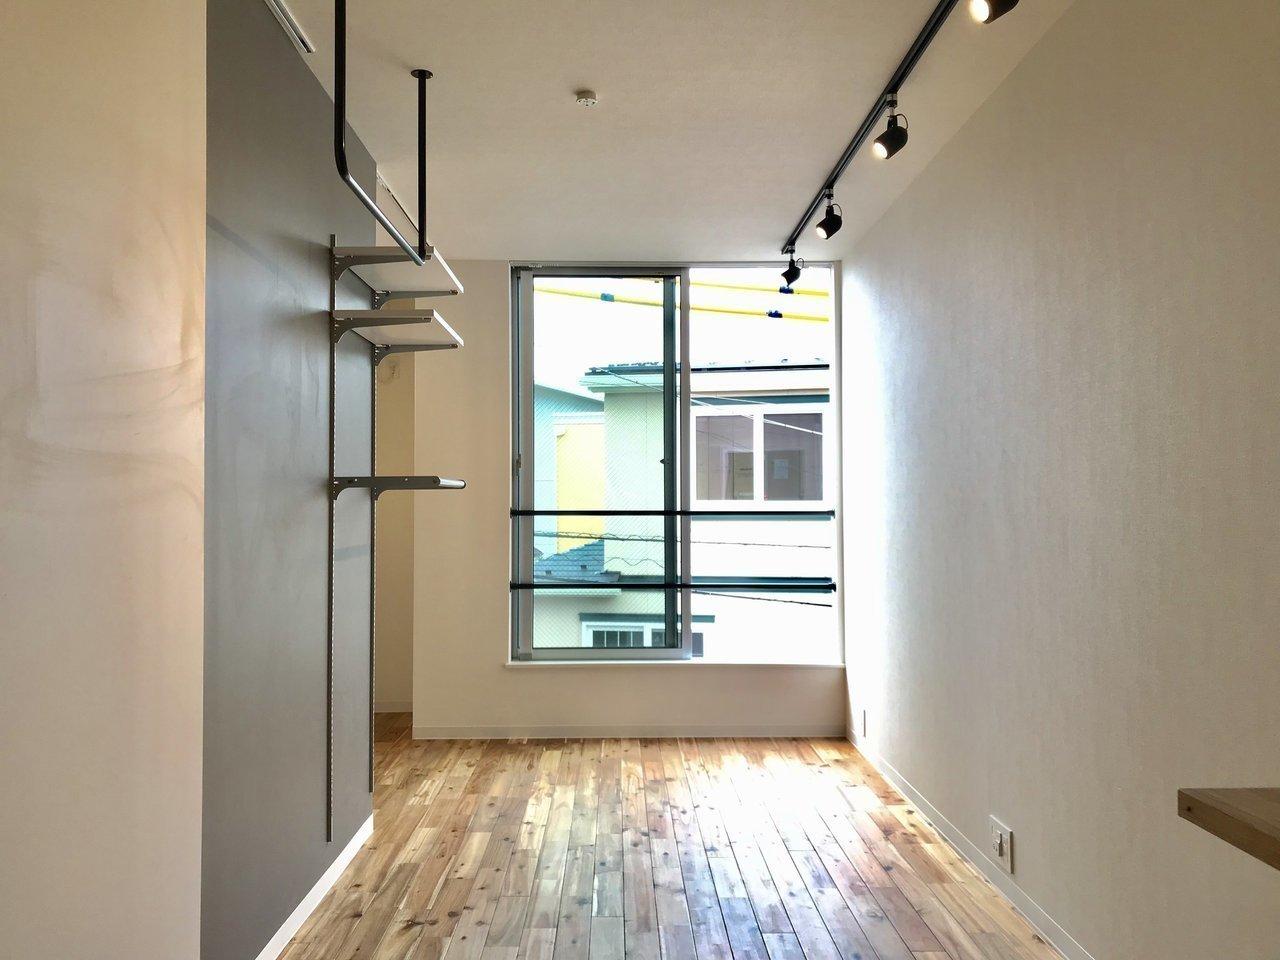 9.27畳の、比較的ゆったりとした造りのワンルーム。濃い色合いのフローリングが、グレーの壁紙によく合います。